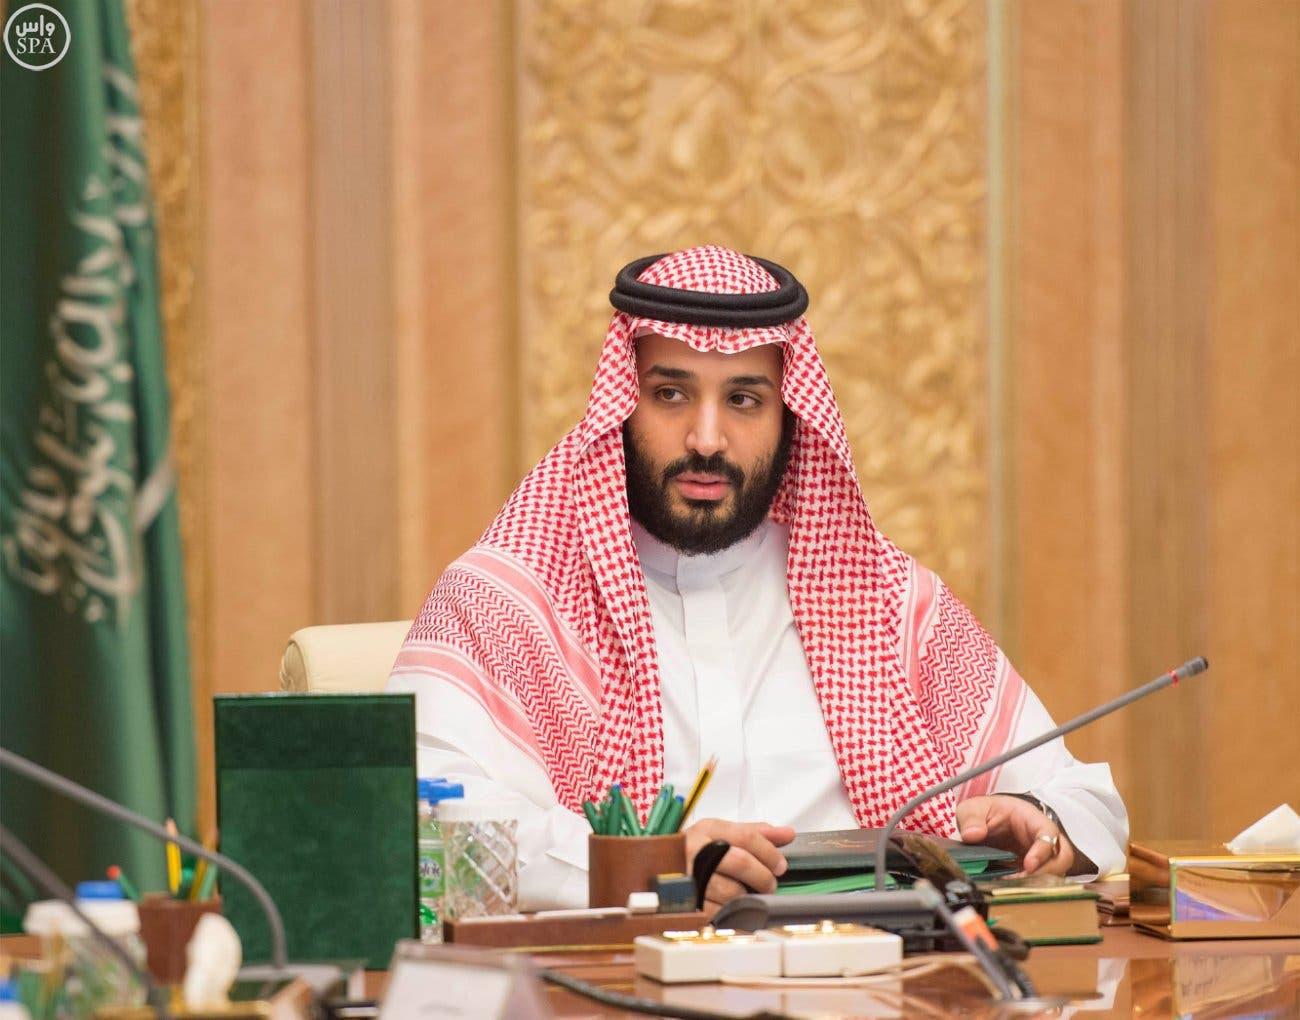 نتيجة بحث الصور عن الأمير محمد بن سلمان اثناء عمله